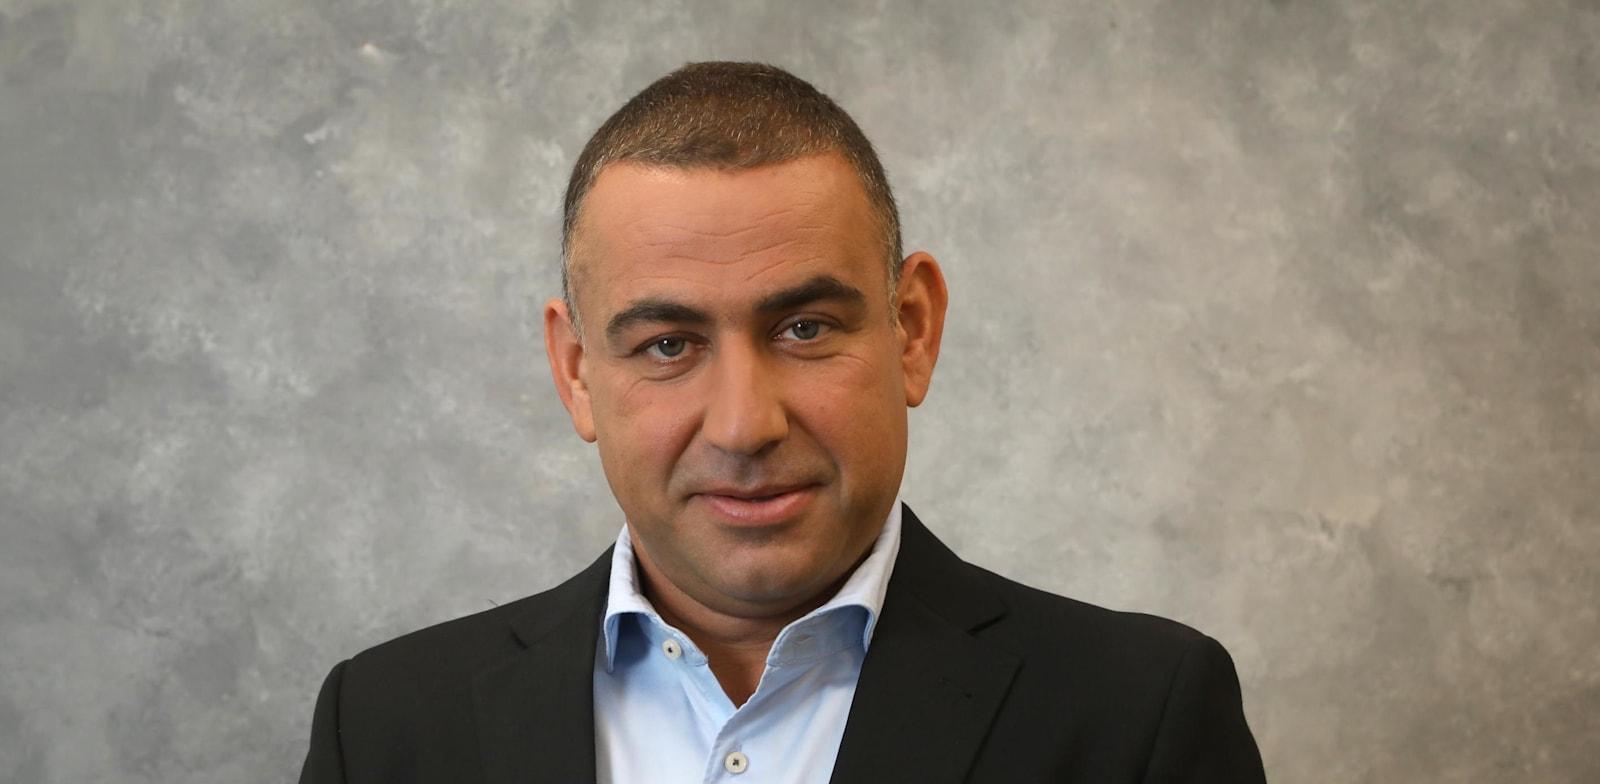 ערן וקנין, סמנכל כספים קבוצת ישראכרט / צילום: סיון פרג'